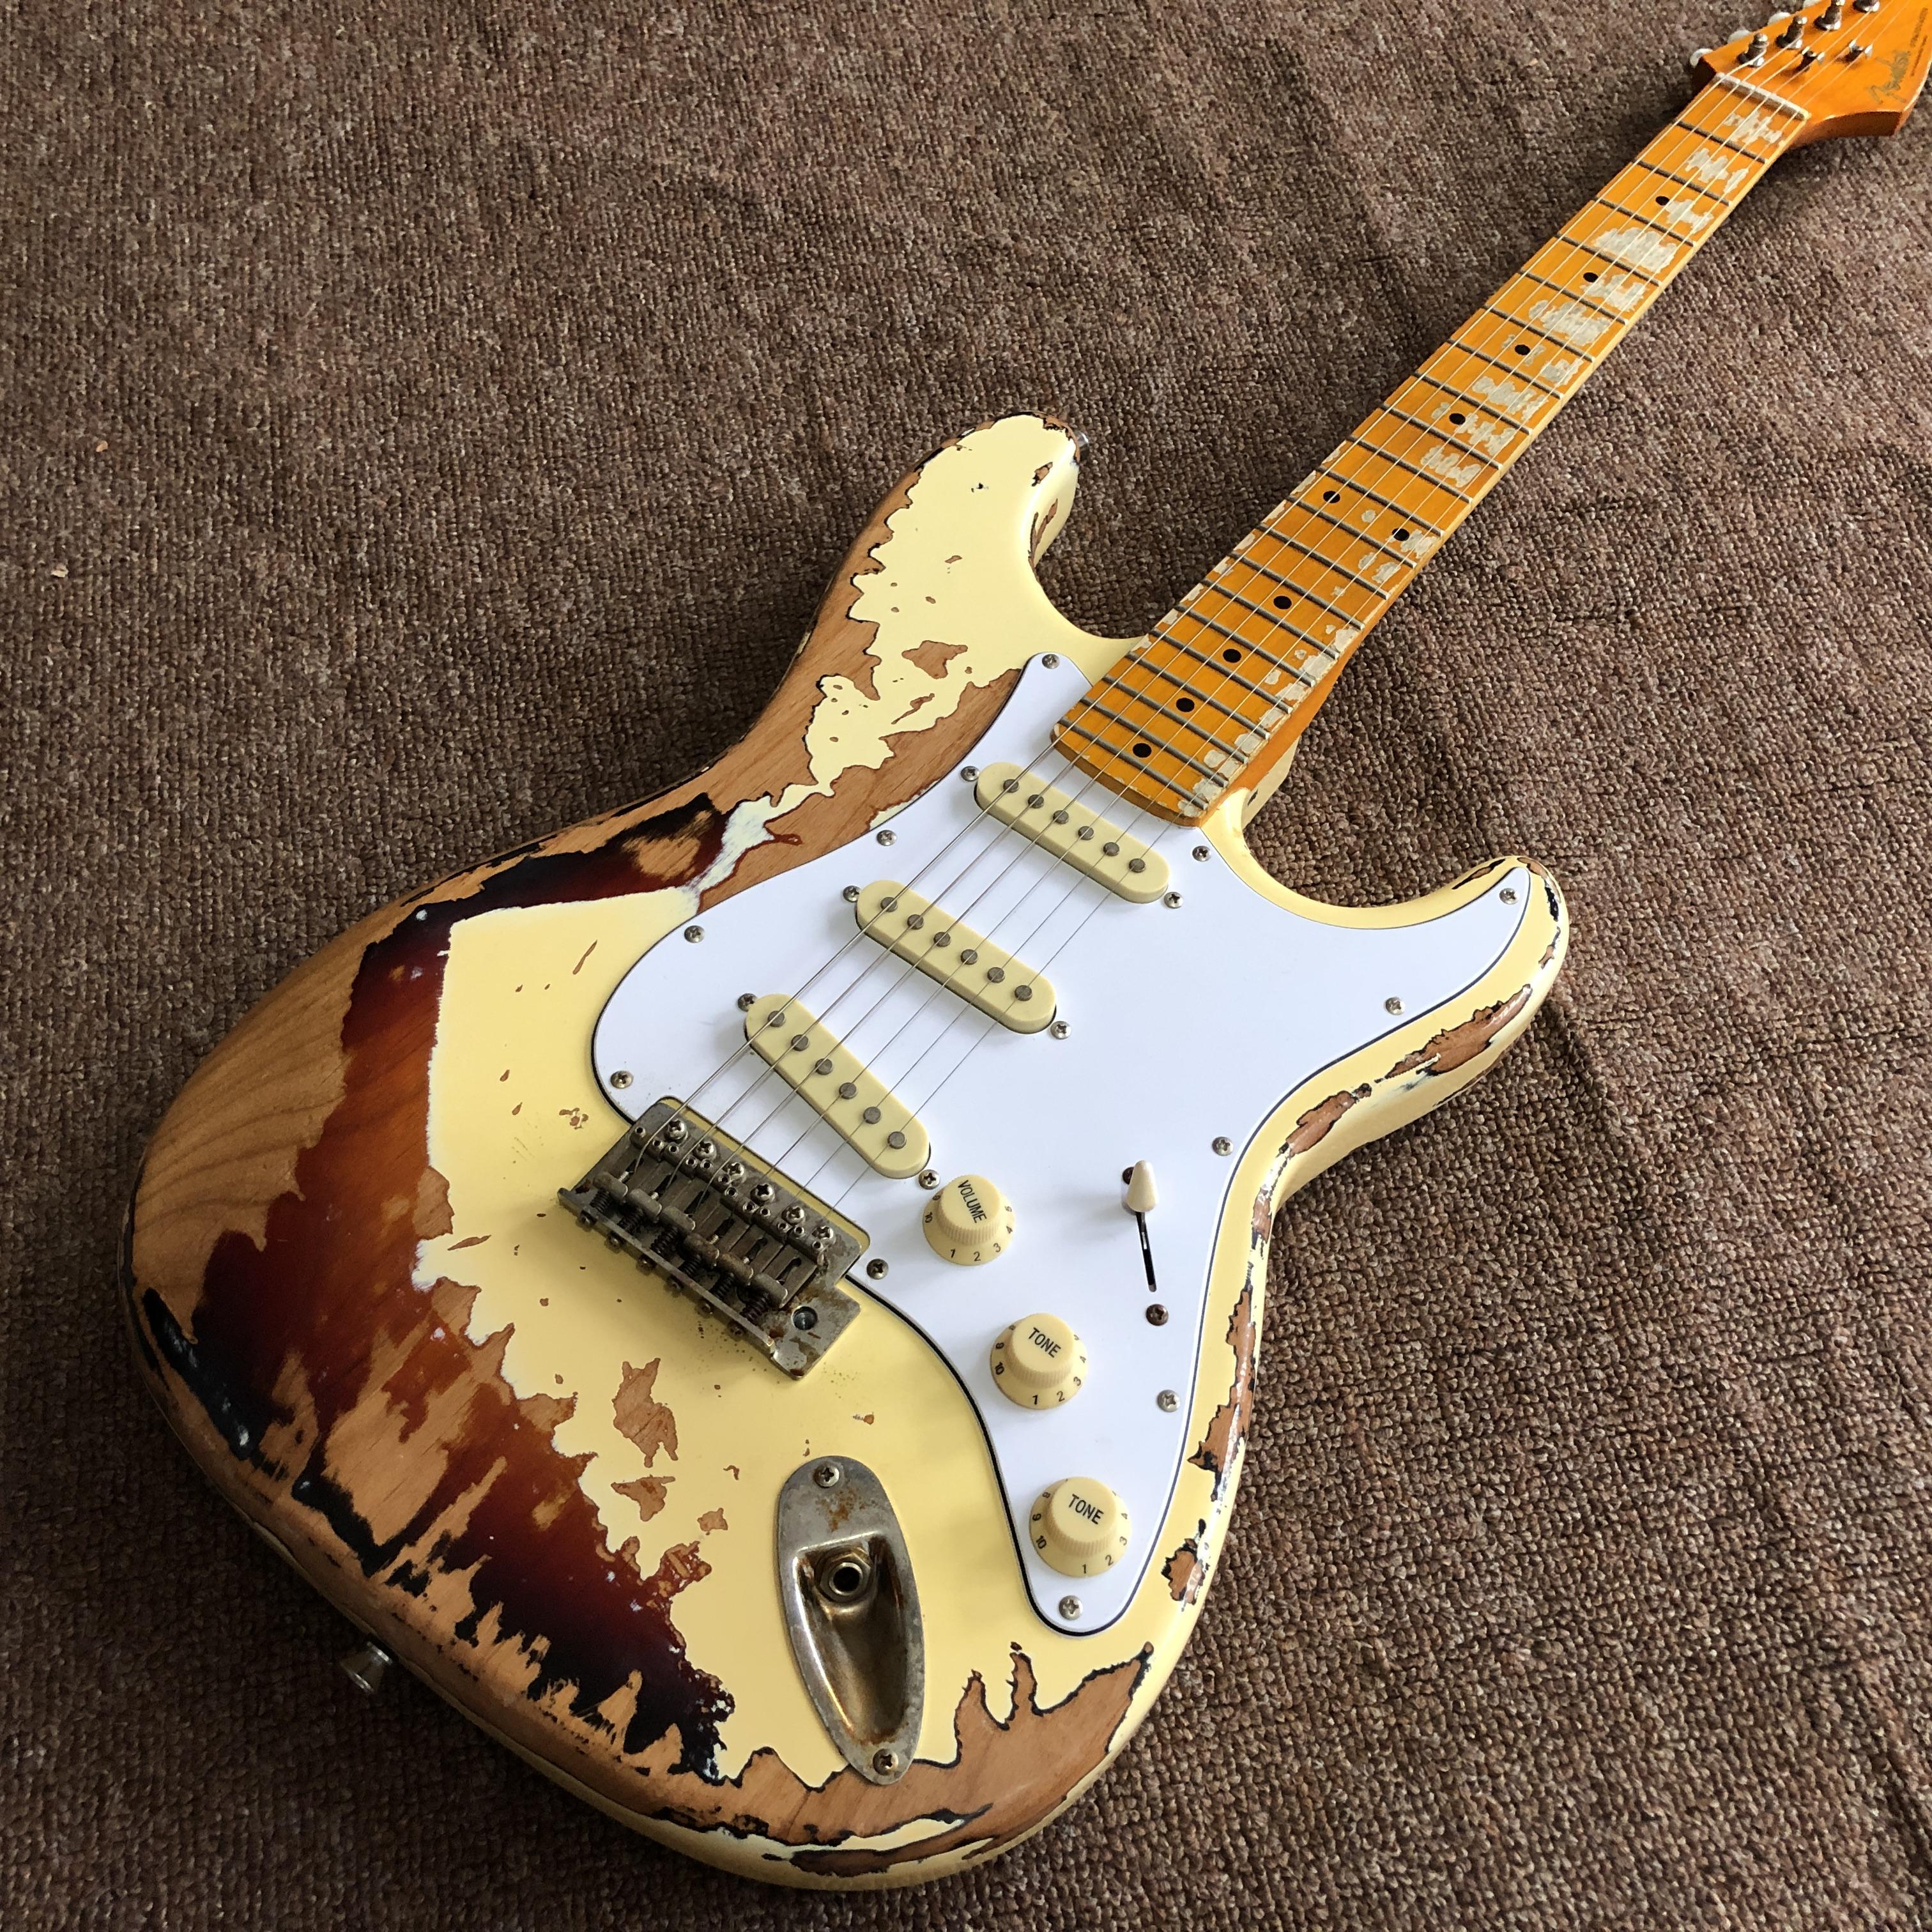 Masterbuilt John Cruz Rocher Monstre 1961 Pin-up Relic Blanc Plus de 3 Tone Sunburst Relic Guitare électrique